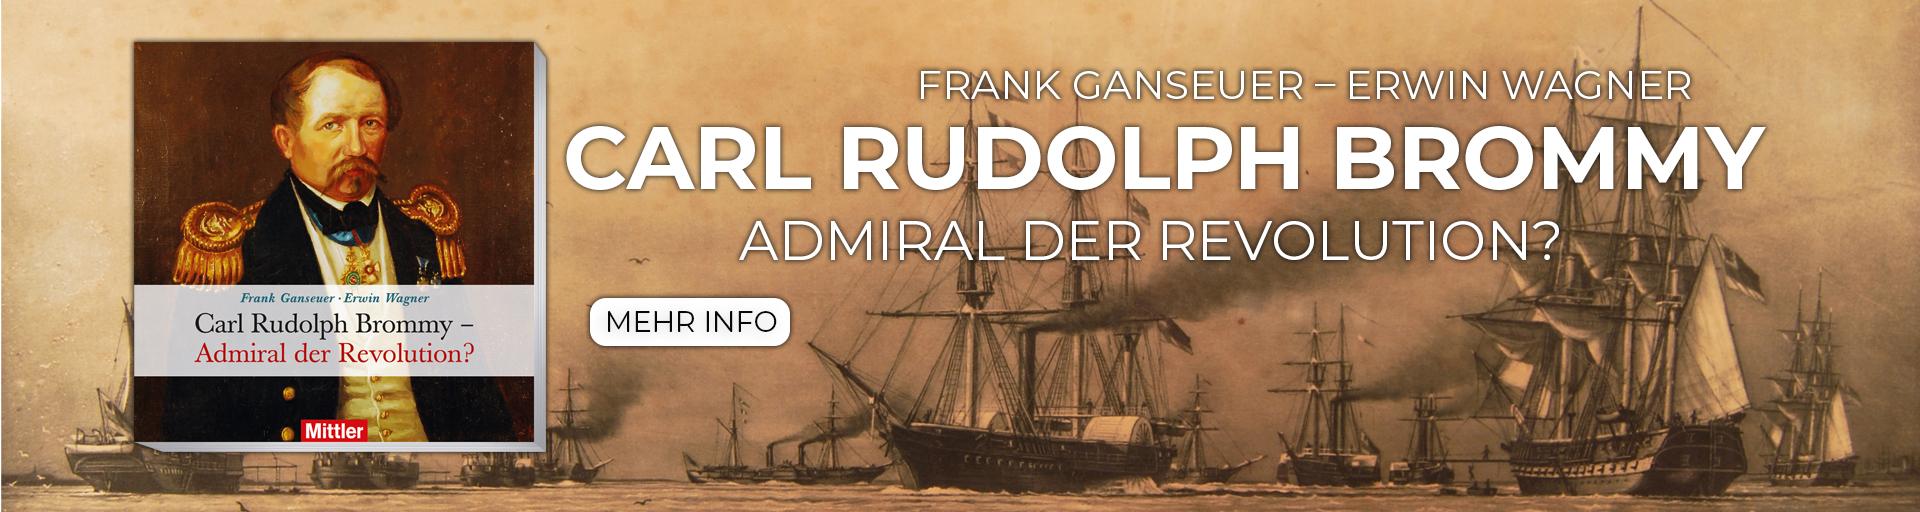 Frank Ganseuer – Erwin Wagner CARL RUDOLPH BROMMY Admiral der Revolution?